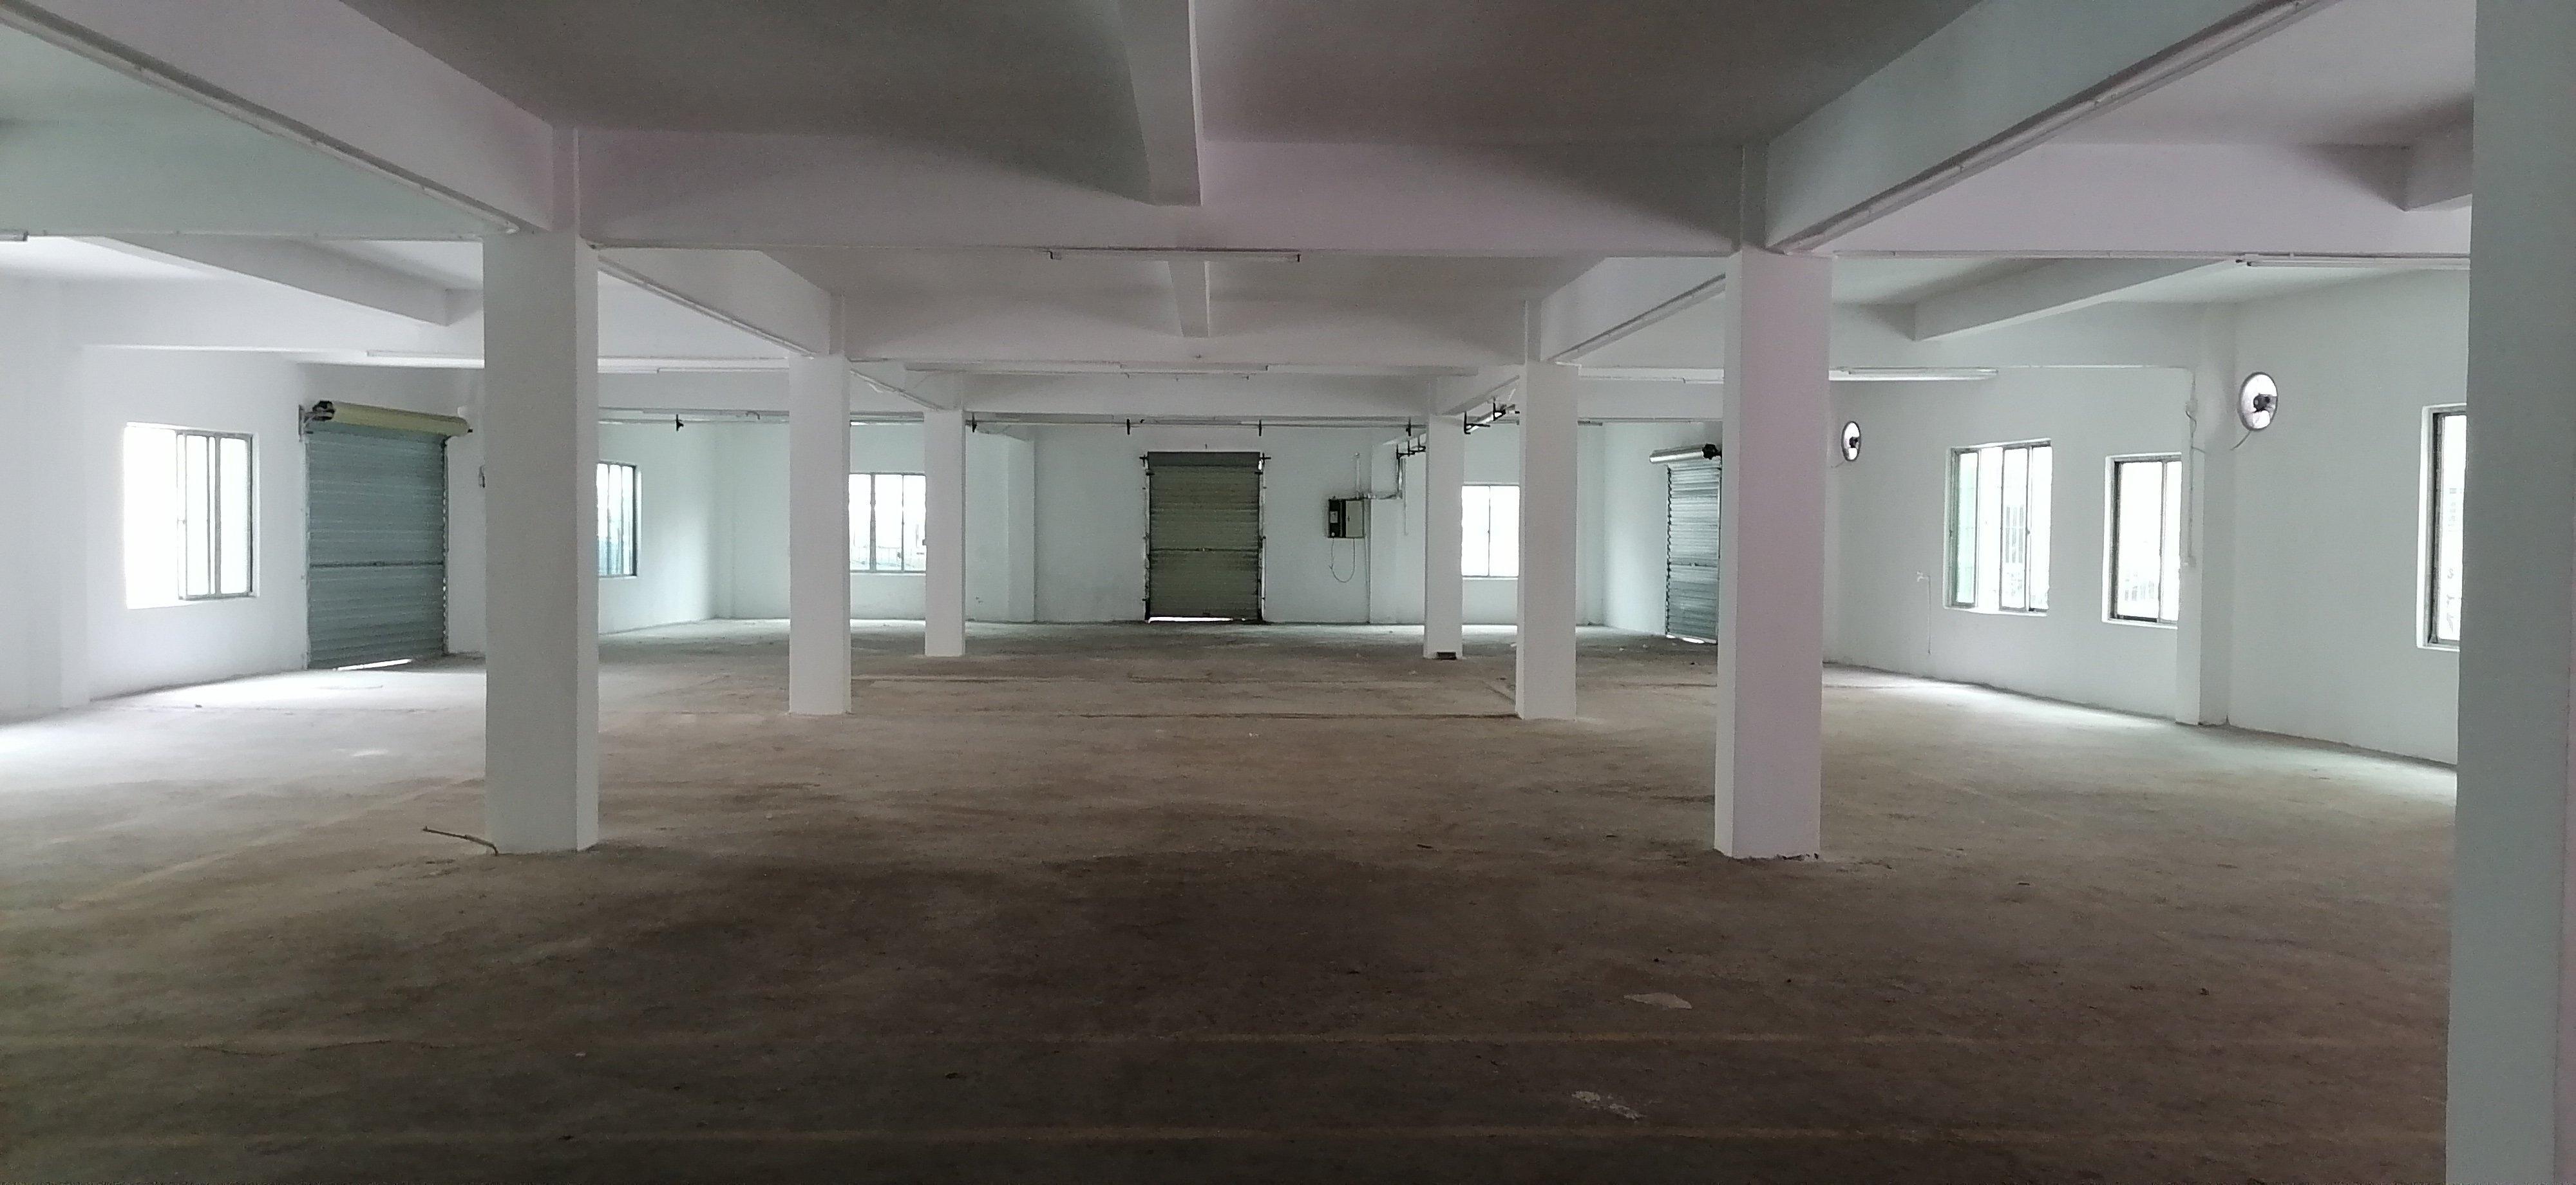 观澜福民厂房出租,面积实在,仓库,小加工的不二之选